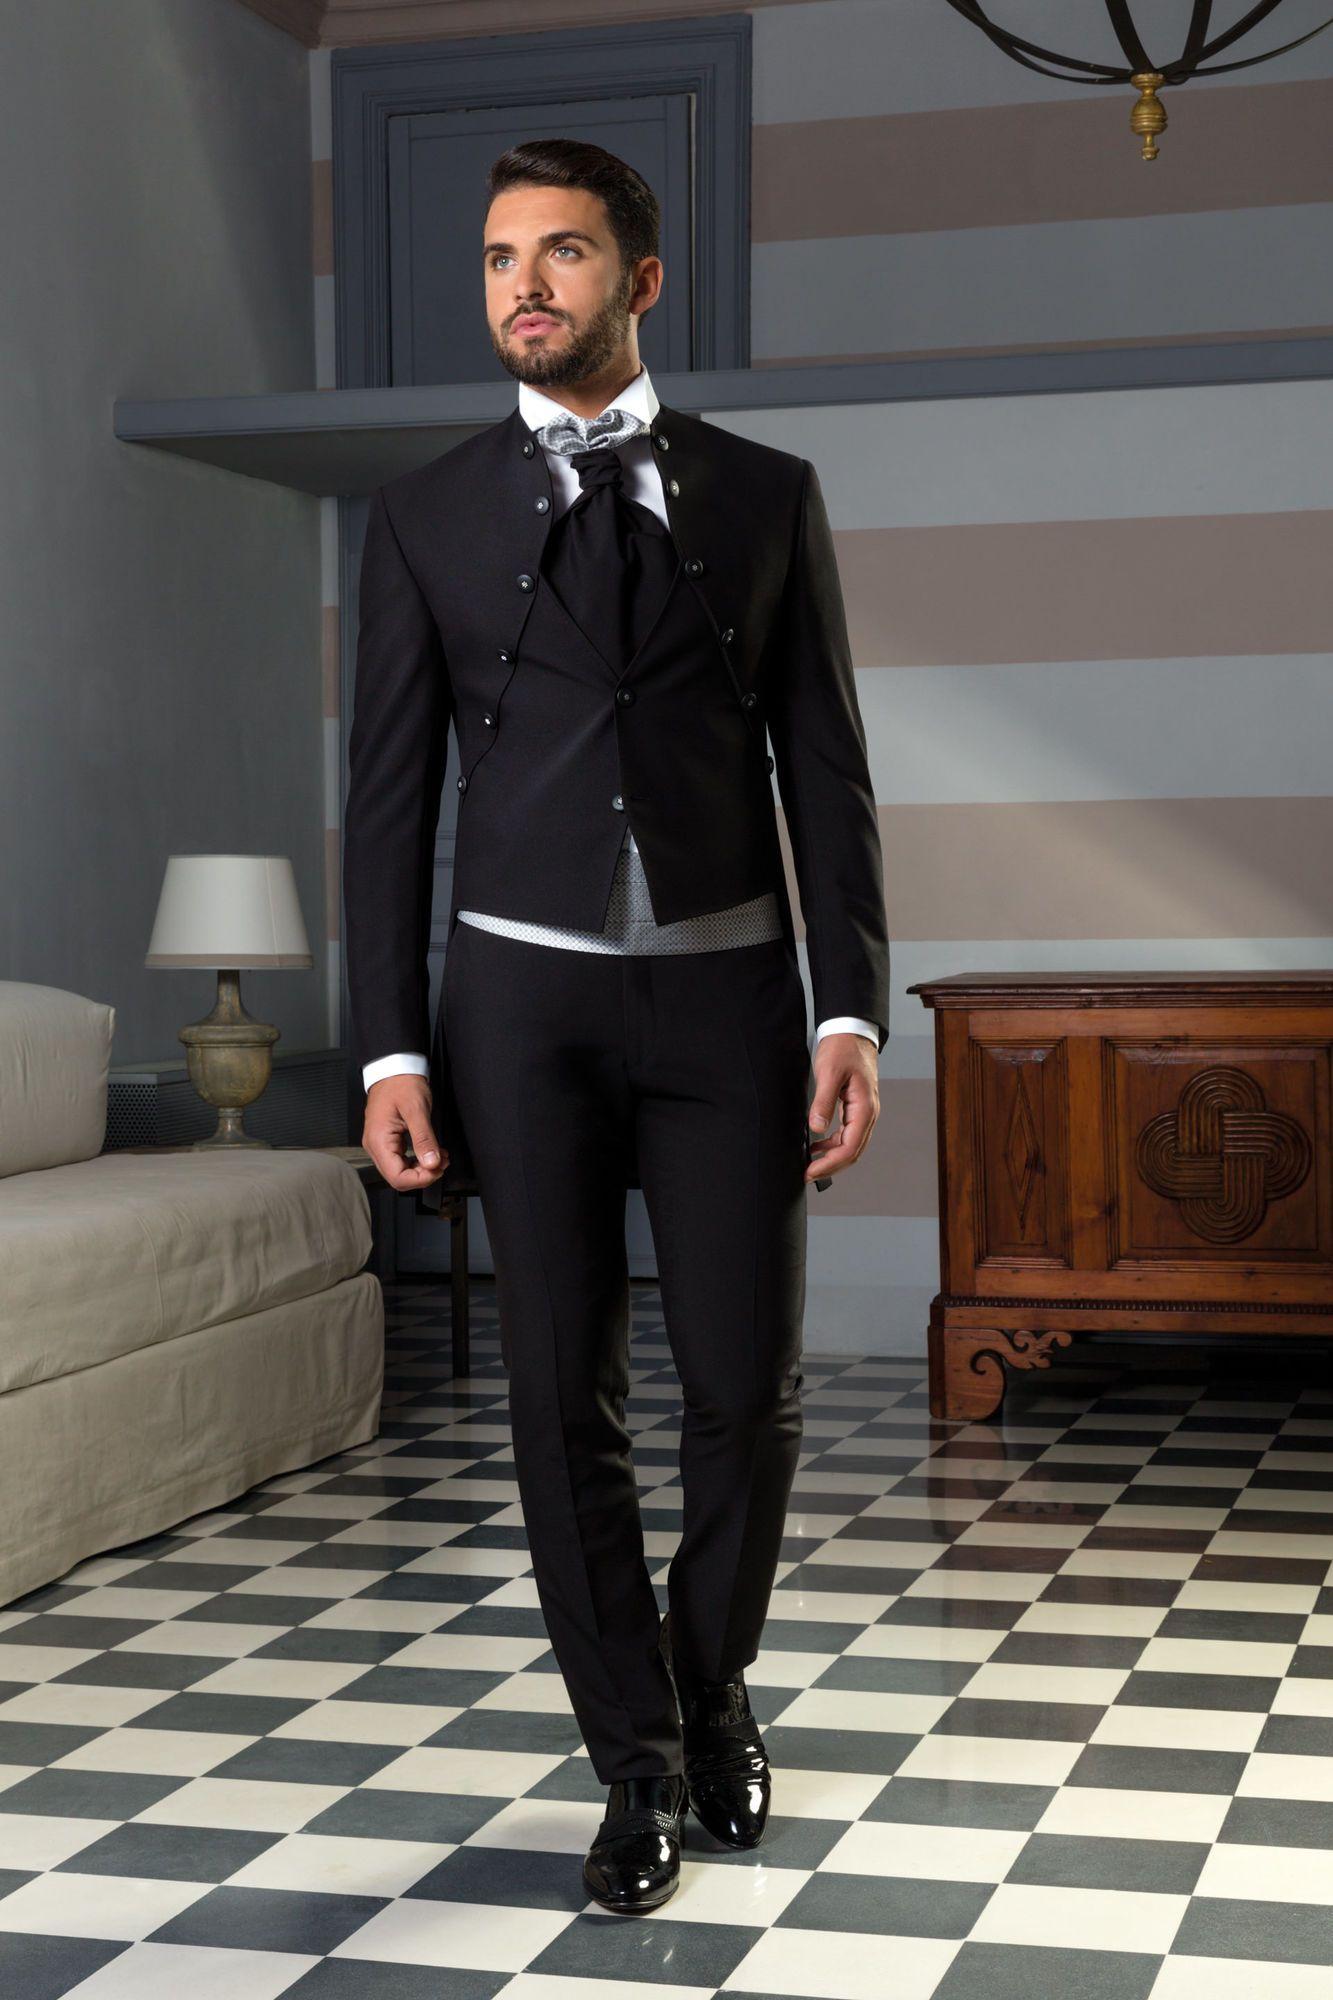 Vestito Matrimonio Uomo Nero : Vestito da sposo nero con giacca redingote gilet incorporato e